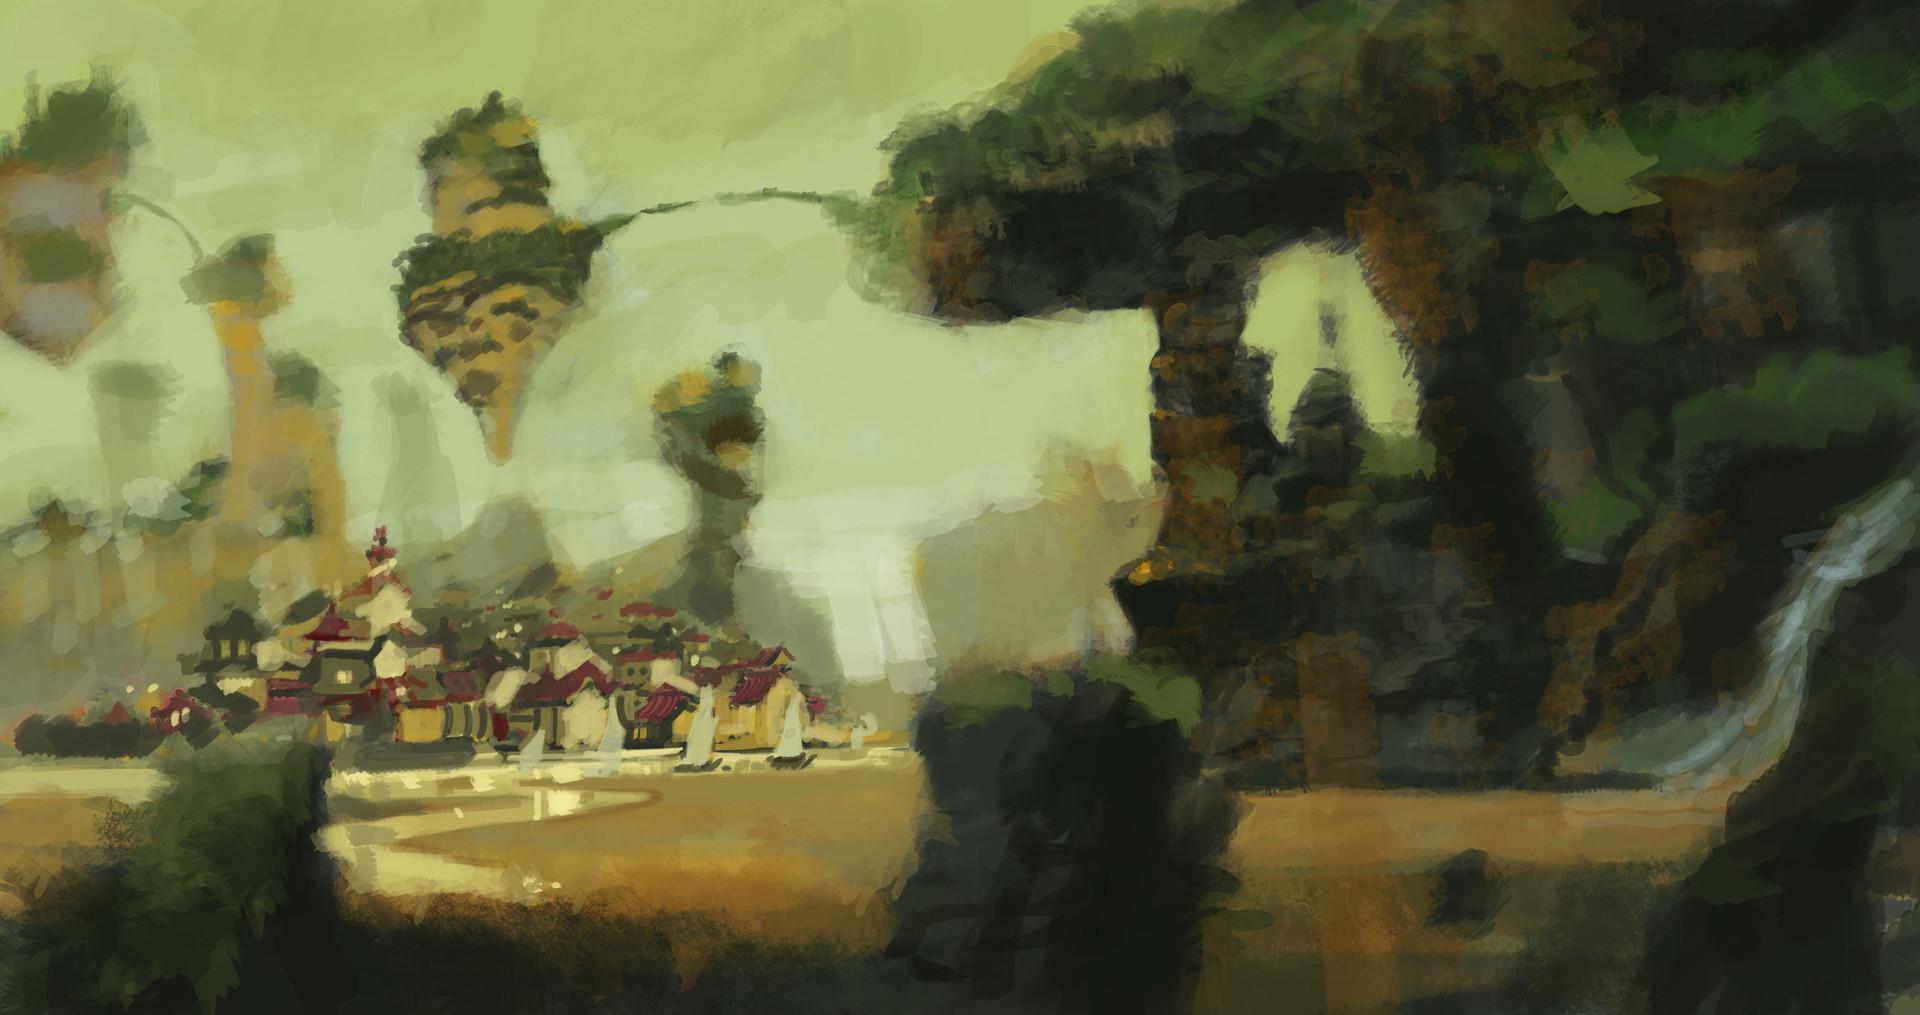 Daniele afferni daniele afferni asc daniele afferni artist asc concept aurora sketches wip